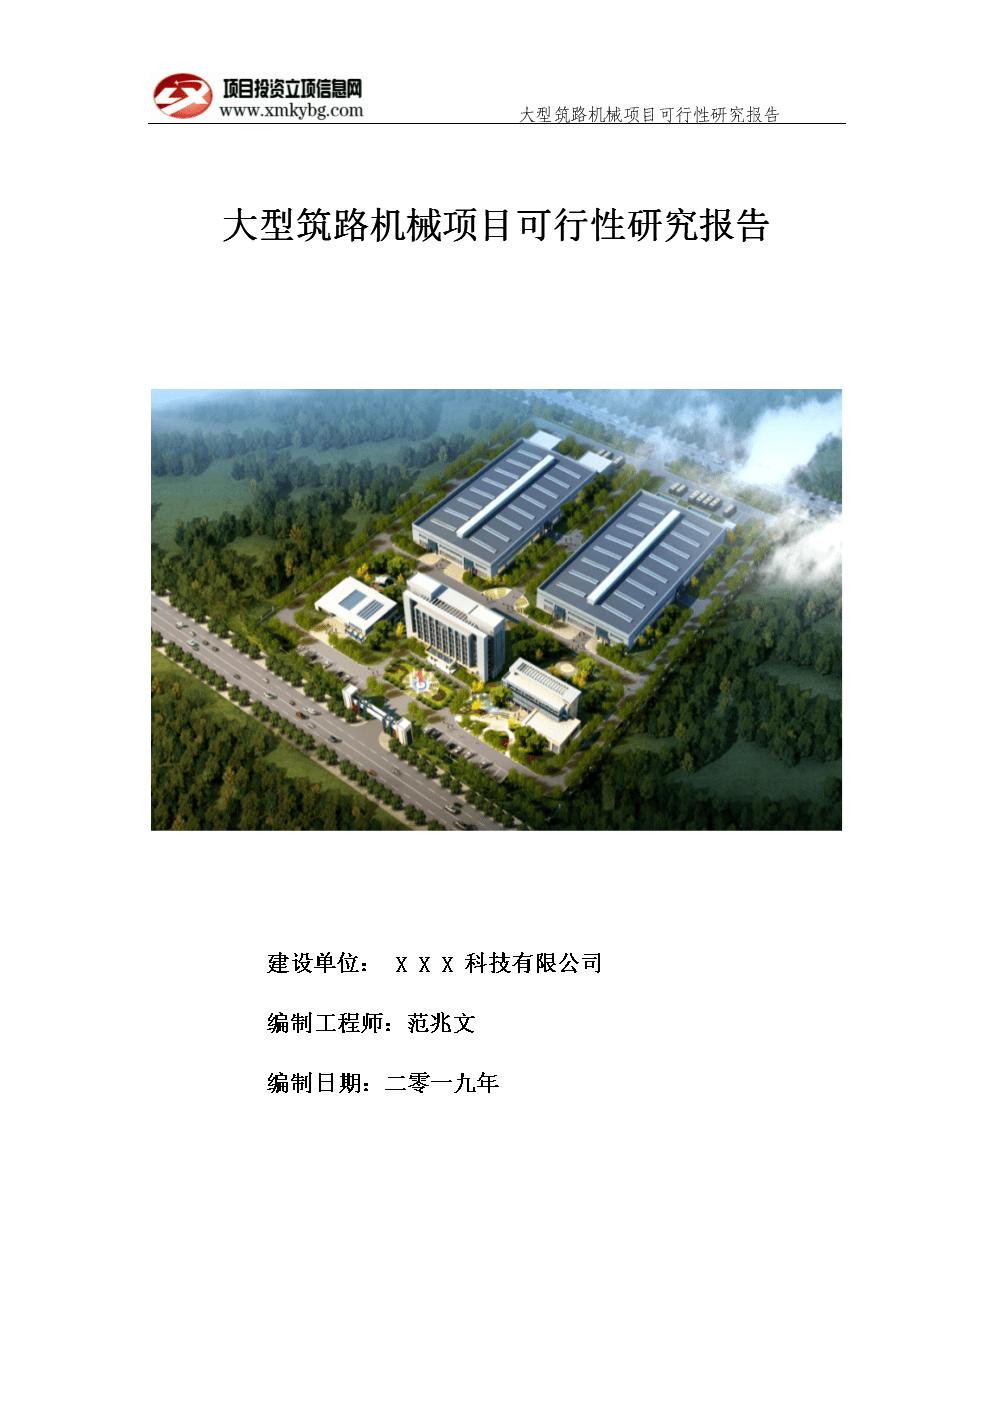 大型筑路机械项目可行性研究报告-用于备案立项.doc